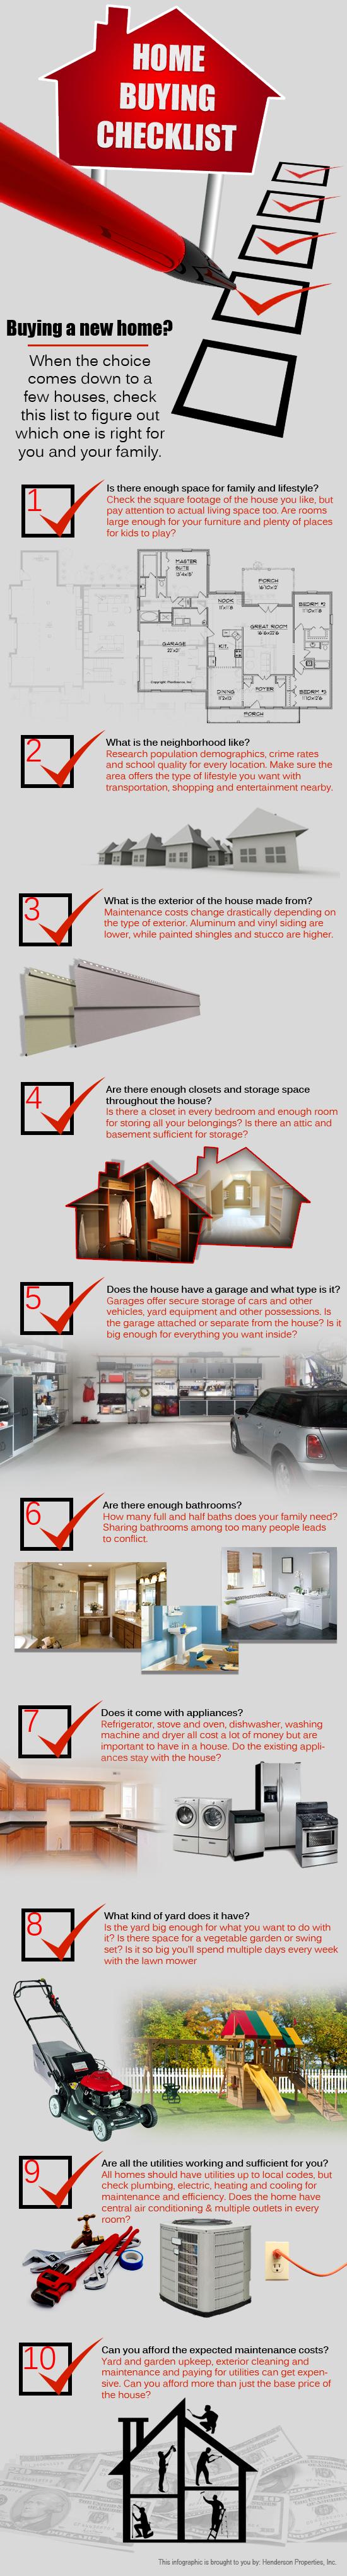 Henderson Properties Infographic